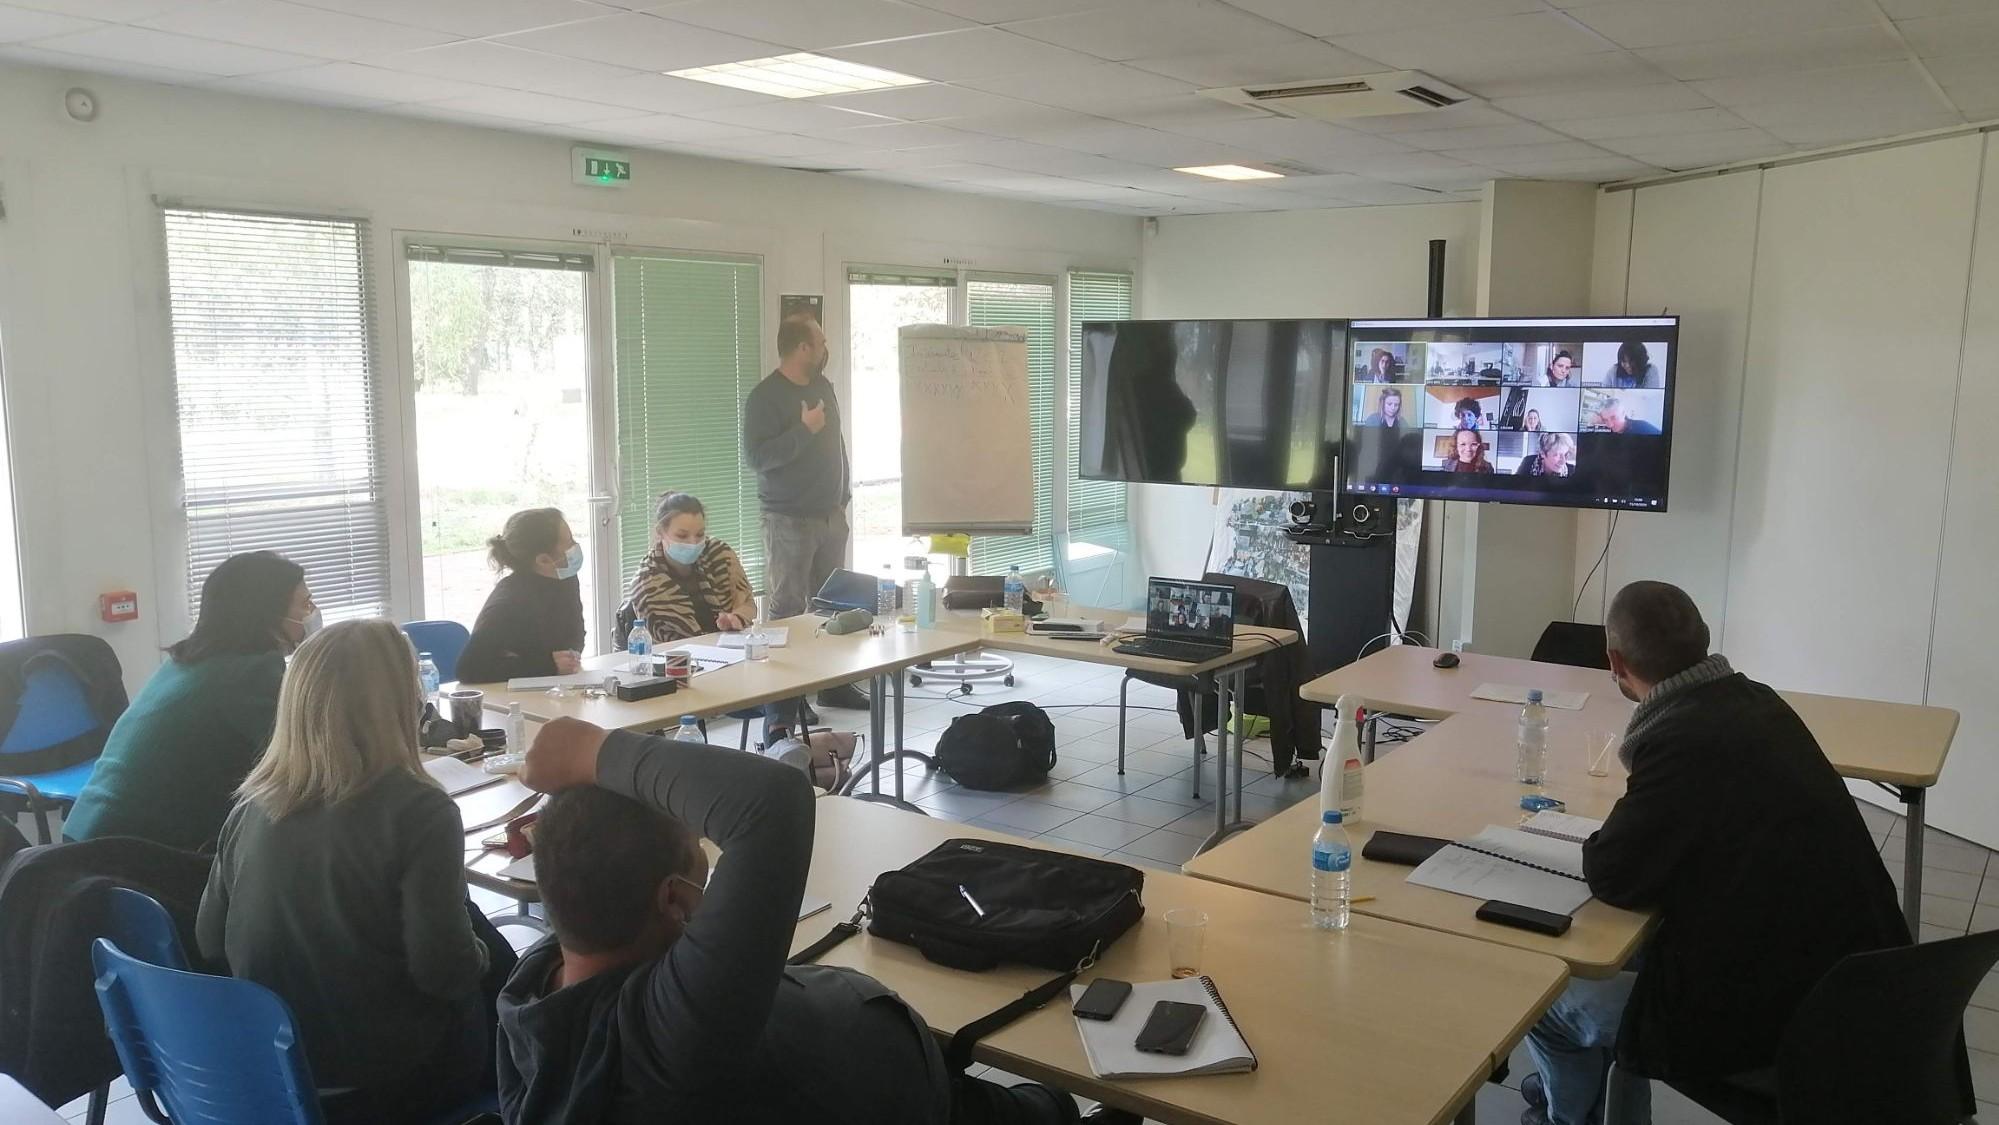 Représentation de la formation : IPS Méthode WORKING FIRST - 3 jours INTER MARSEILLE